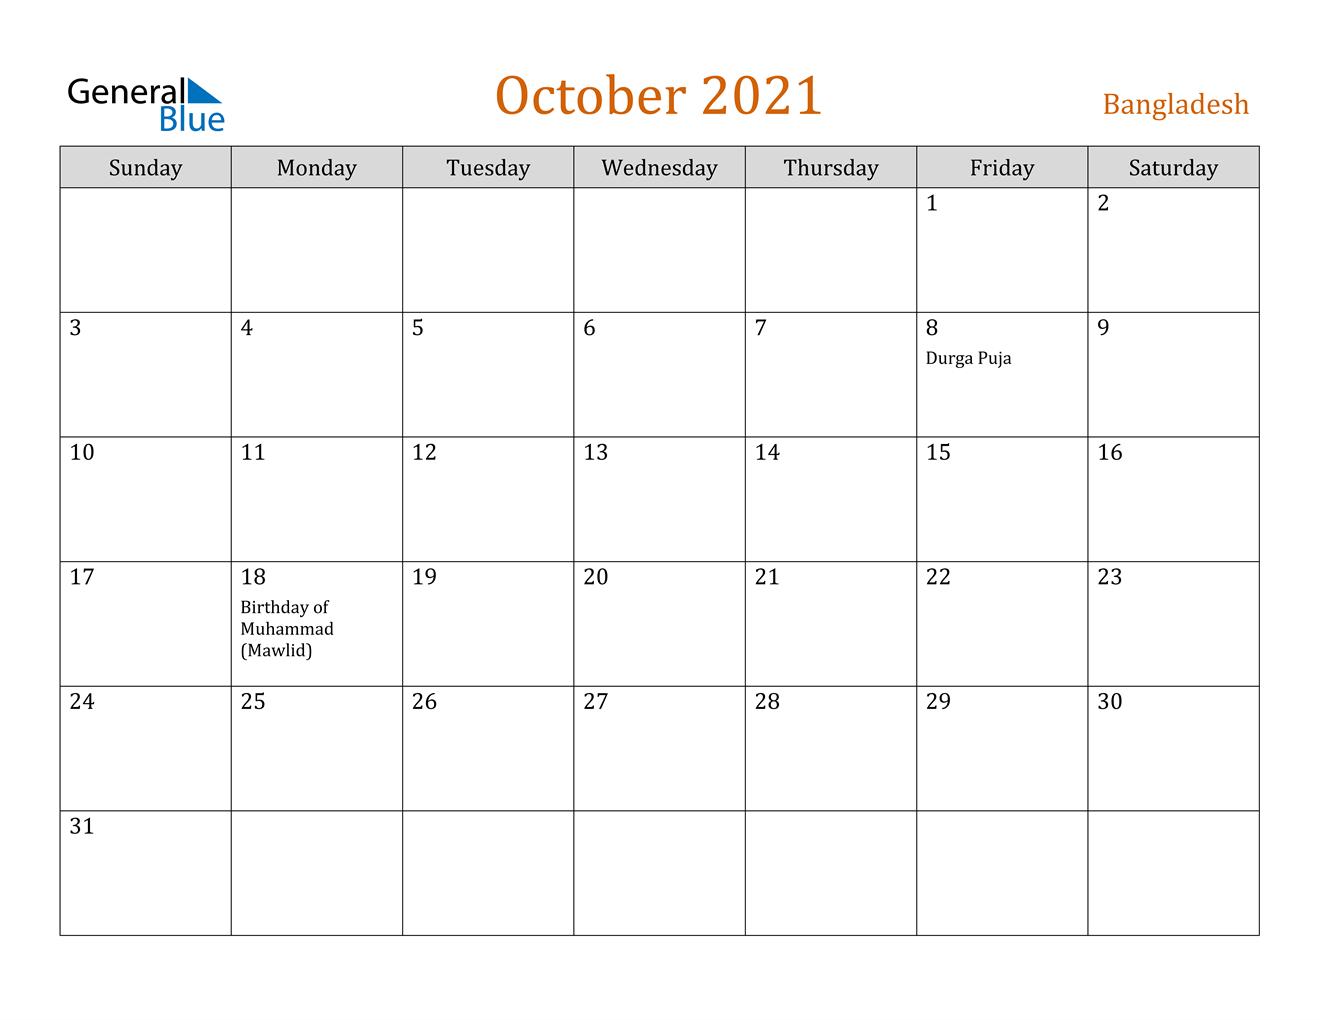 Bangladesh October 2021 Calendar With Holidays